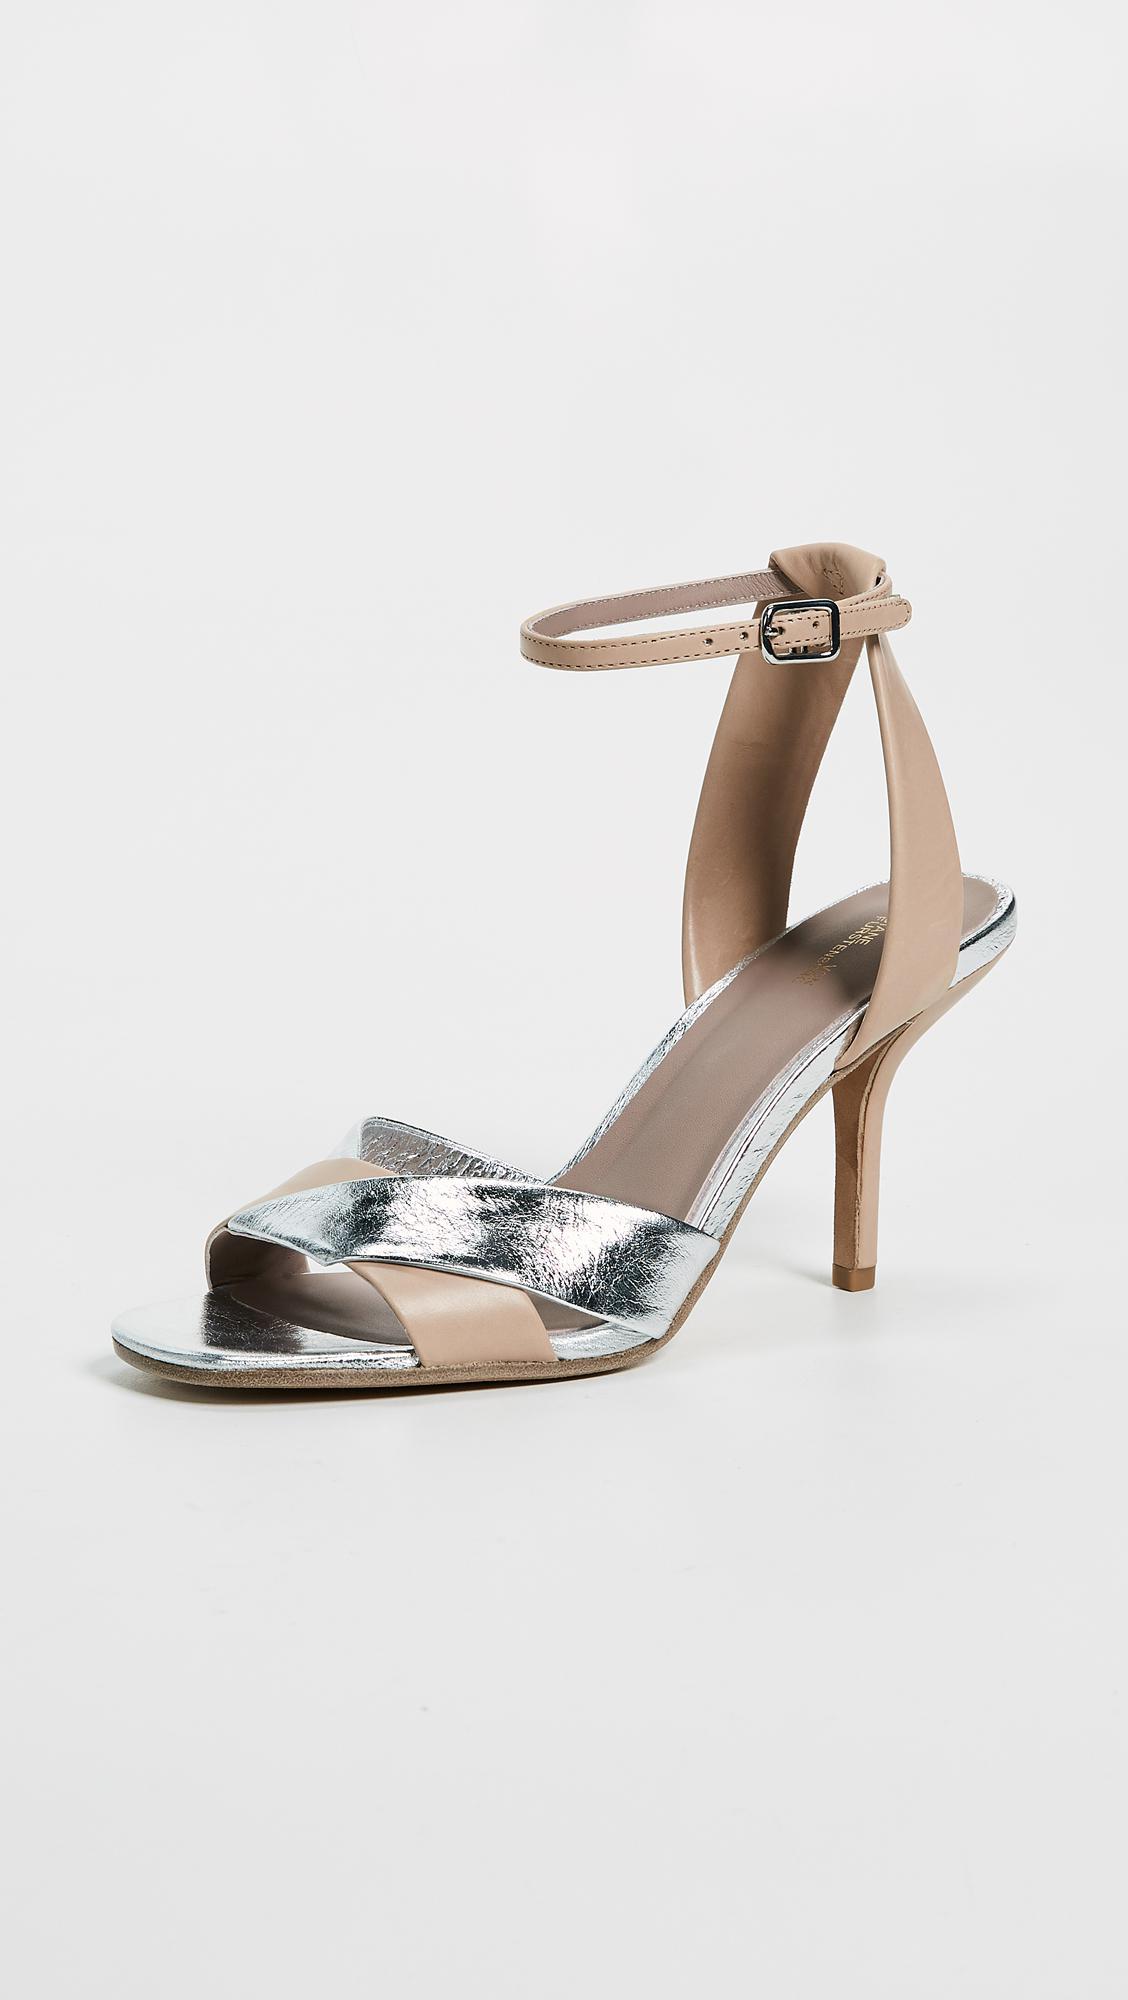 Diane von Furstenberg Fiona Dress Sandals ZXHJBdoW